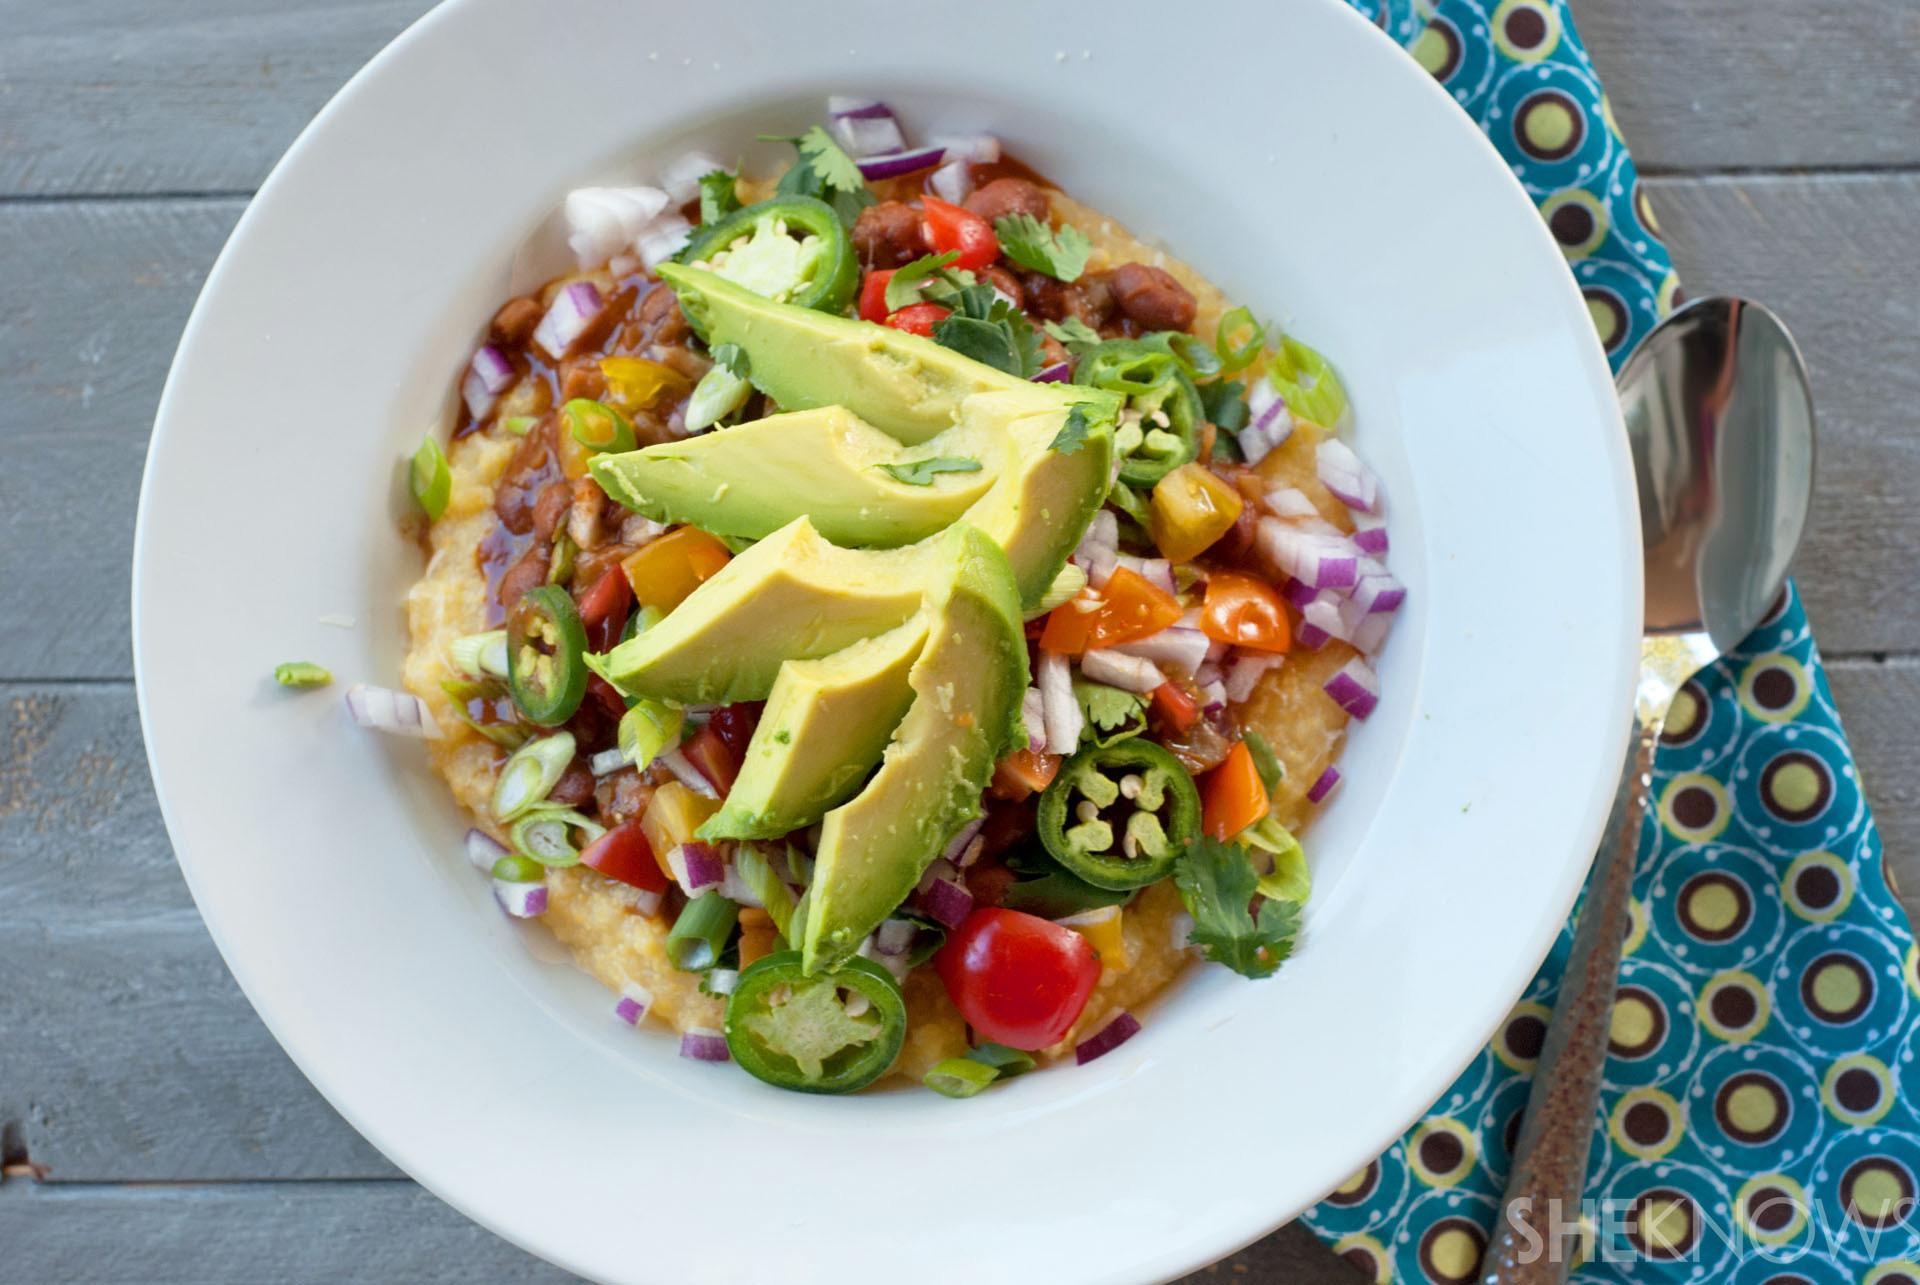 Creamy Mexican polenta bowls recipe